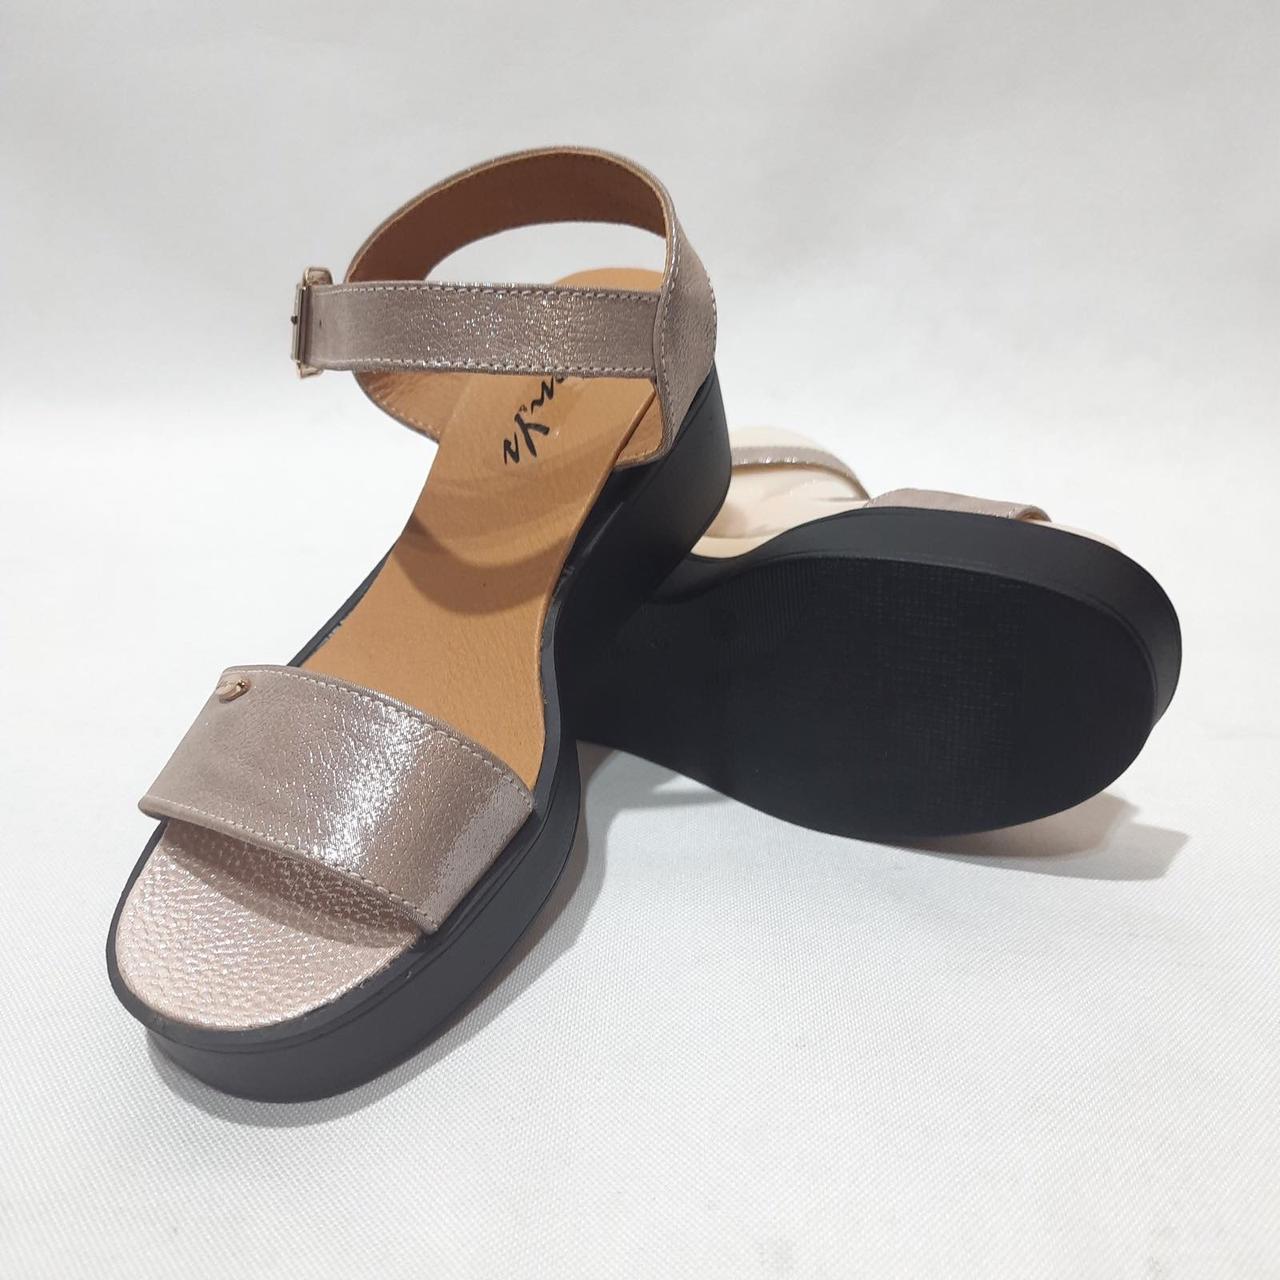 36,38,39 р. Босоніжки жіночі, сандалі шкіряні літні Пудра